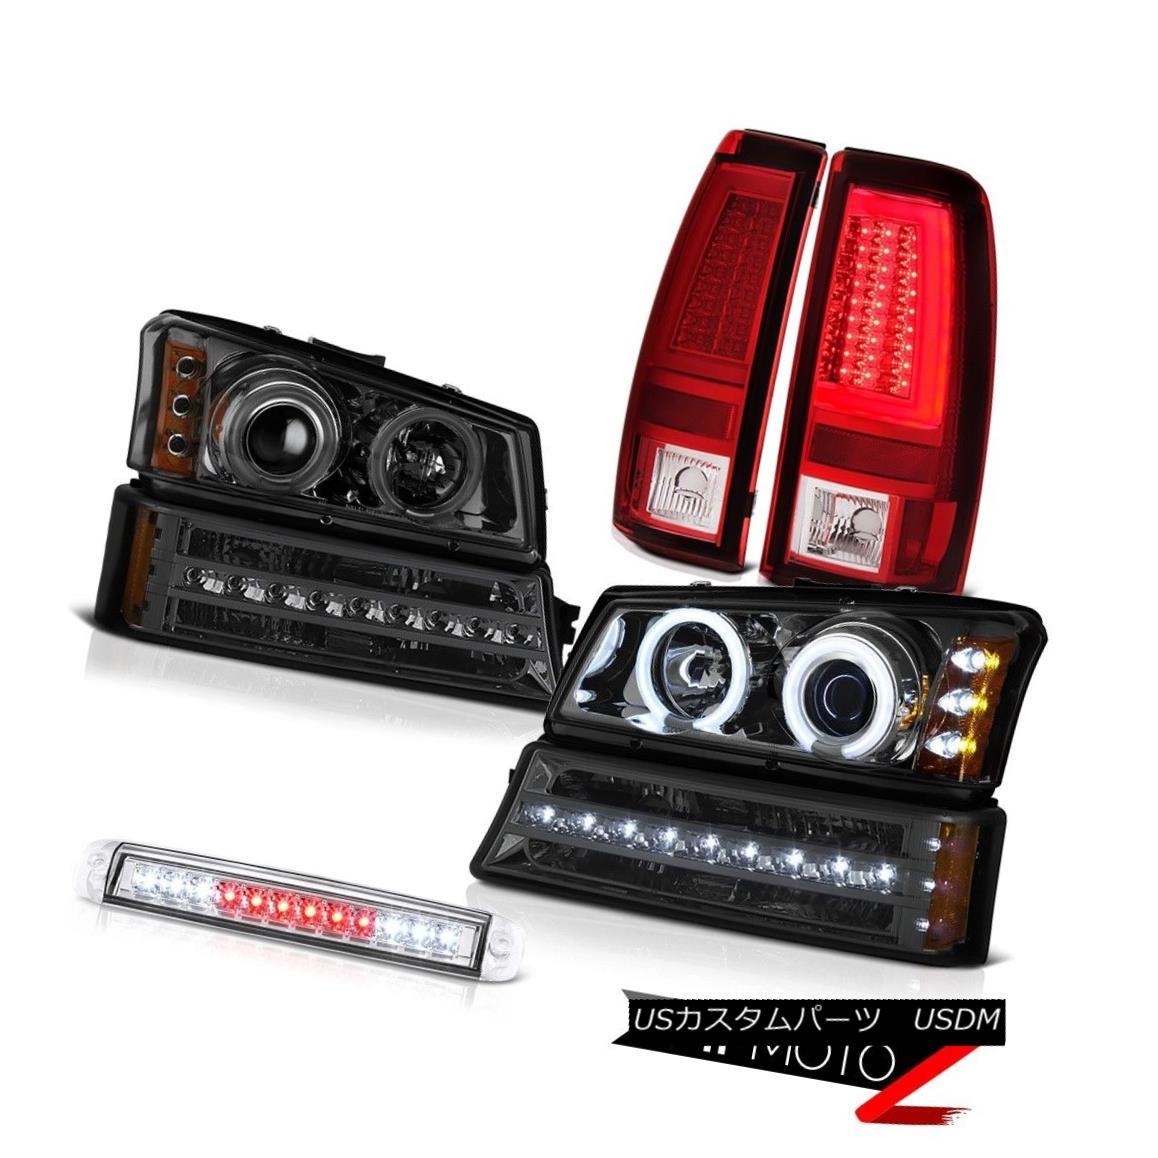 ヘッドライト 2003-2006 Silverado 1500 Tail Lamps Chrome Third Brake Light Parking Headlights 2003-2006 Silverado 1500テールランプクロームサードブレーキライトパーキングヘッドライト